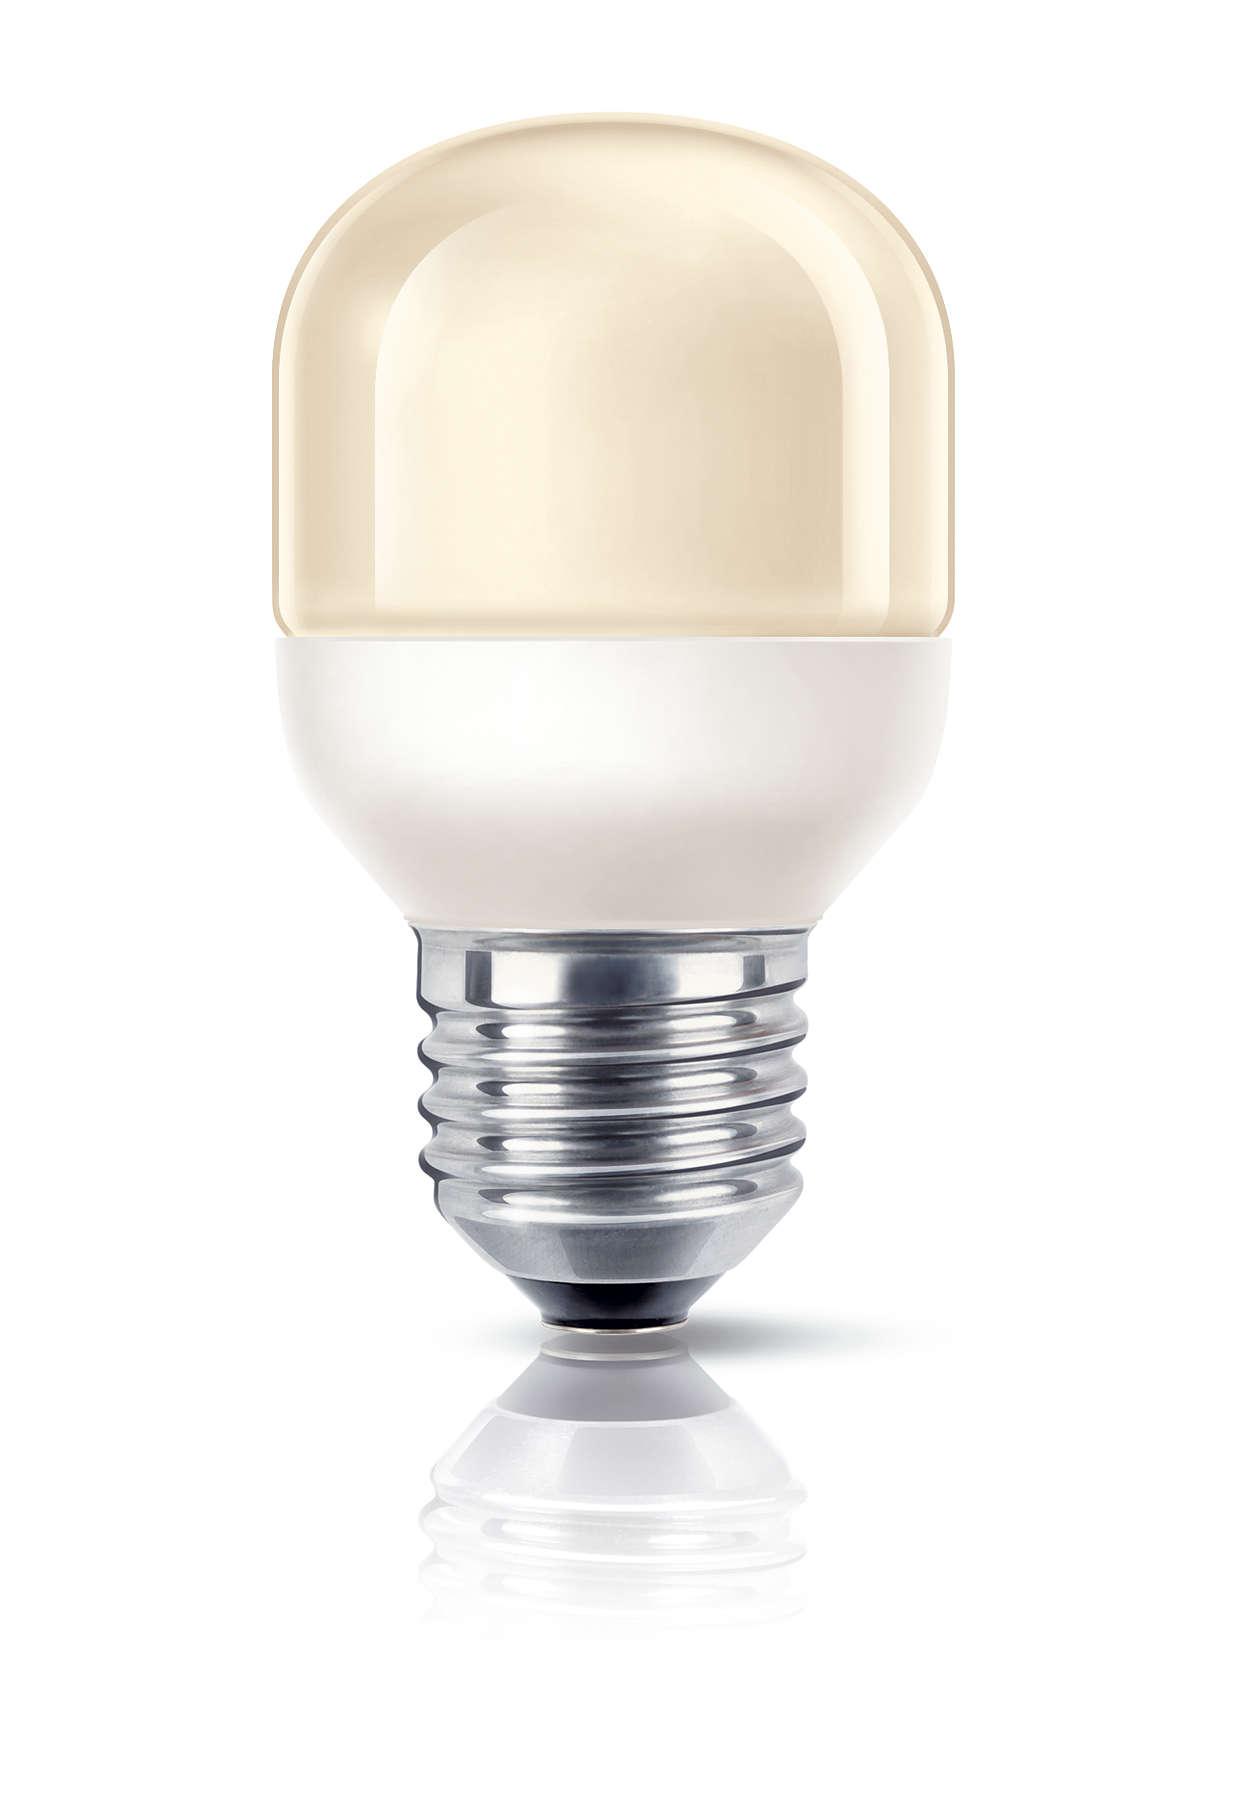 Toplo i nježno svjetlo za stvaranje ugođaja